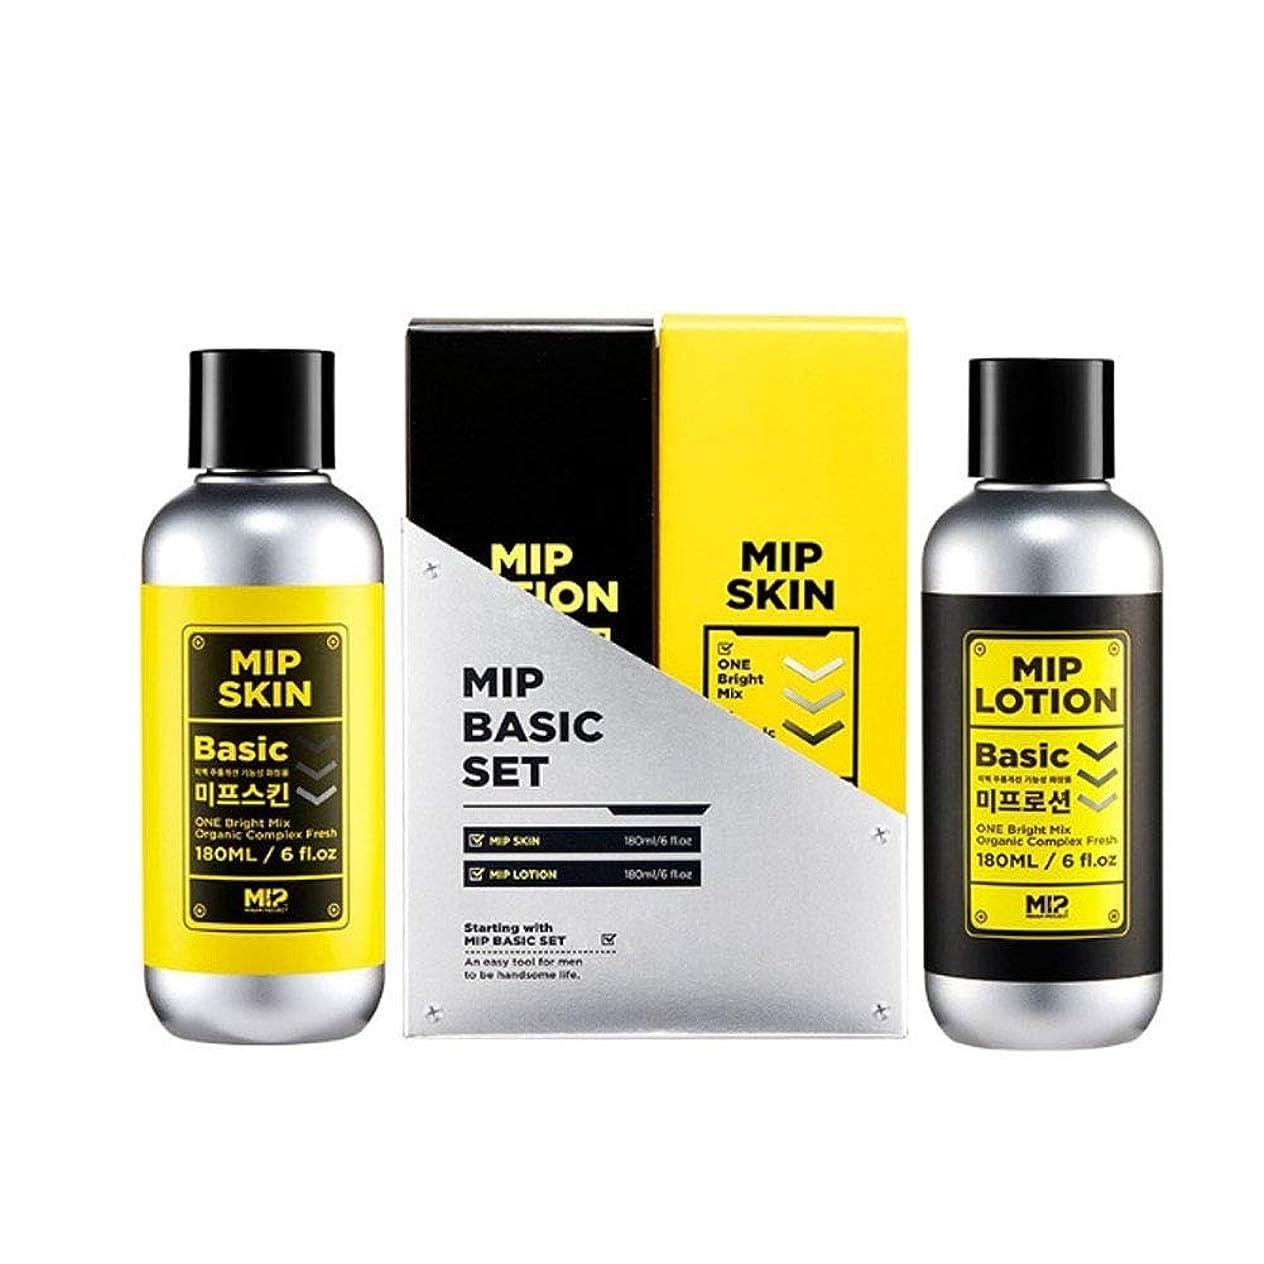 メタルライン内陸余剰ミップスキン180mlローション180mlセットメンズコスメ韓国コスメ、Mip Skin 180ml Lotion 180ml Set Men's Cosmetics Korean Cosmetics [並行輸入品]